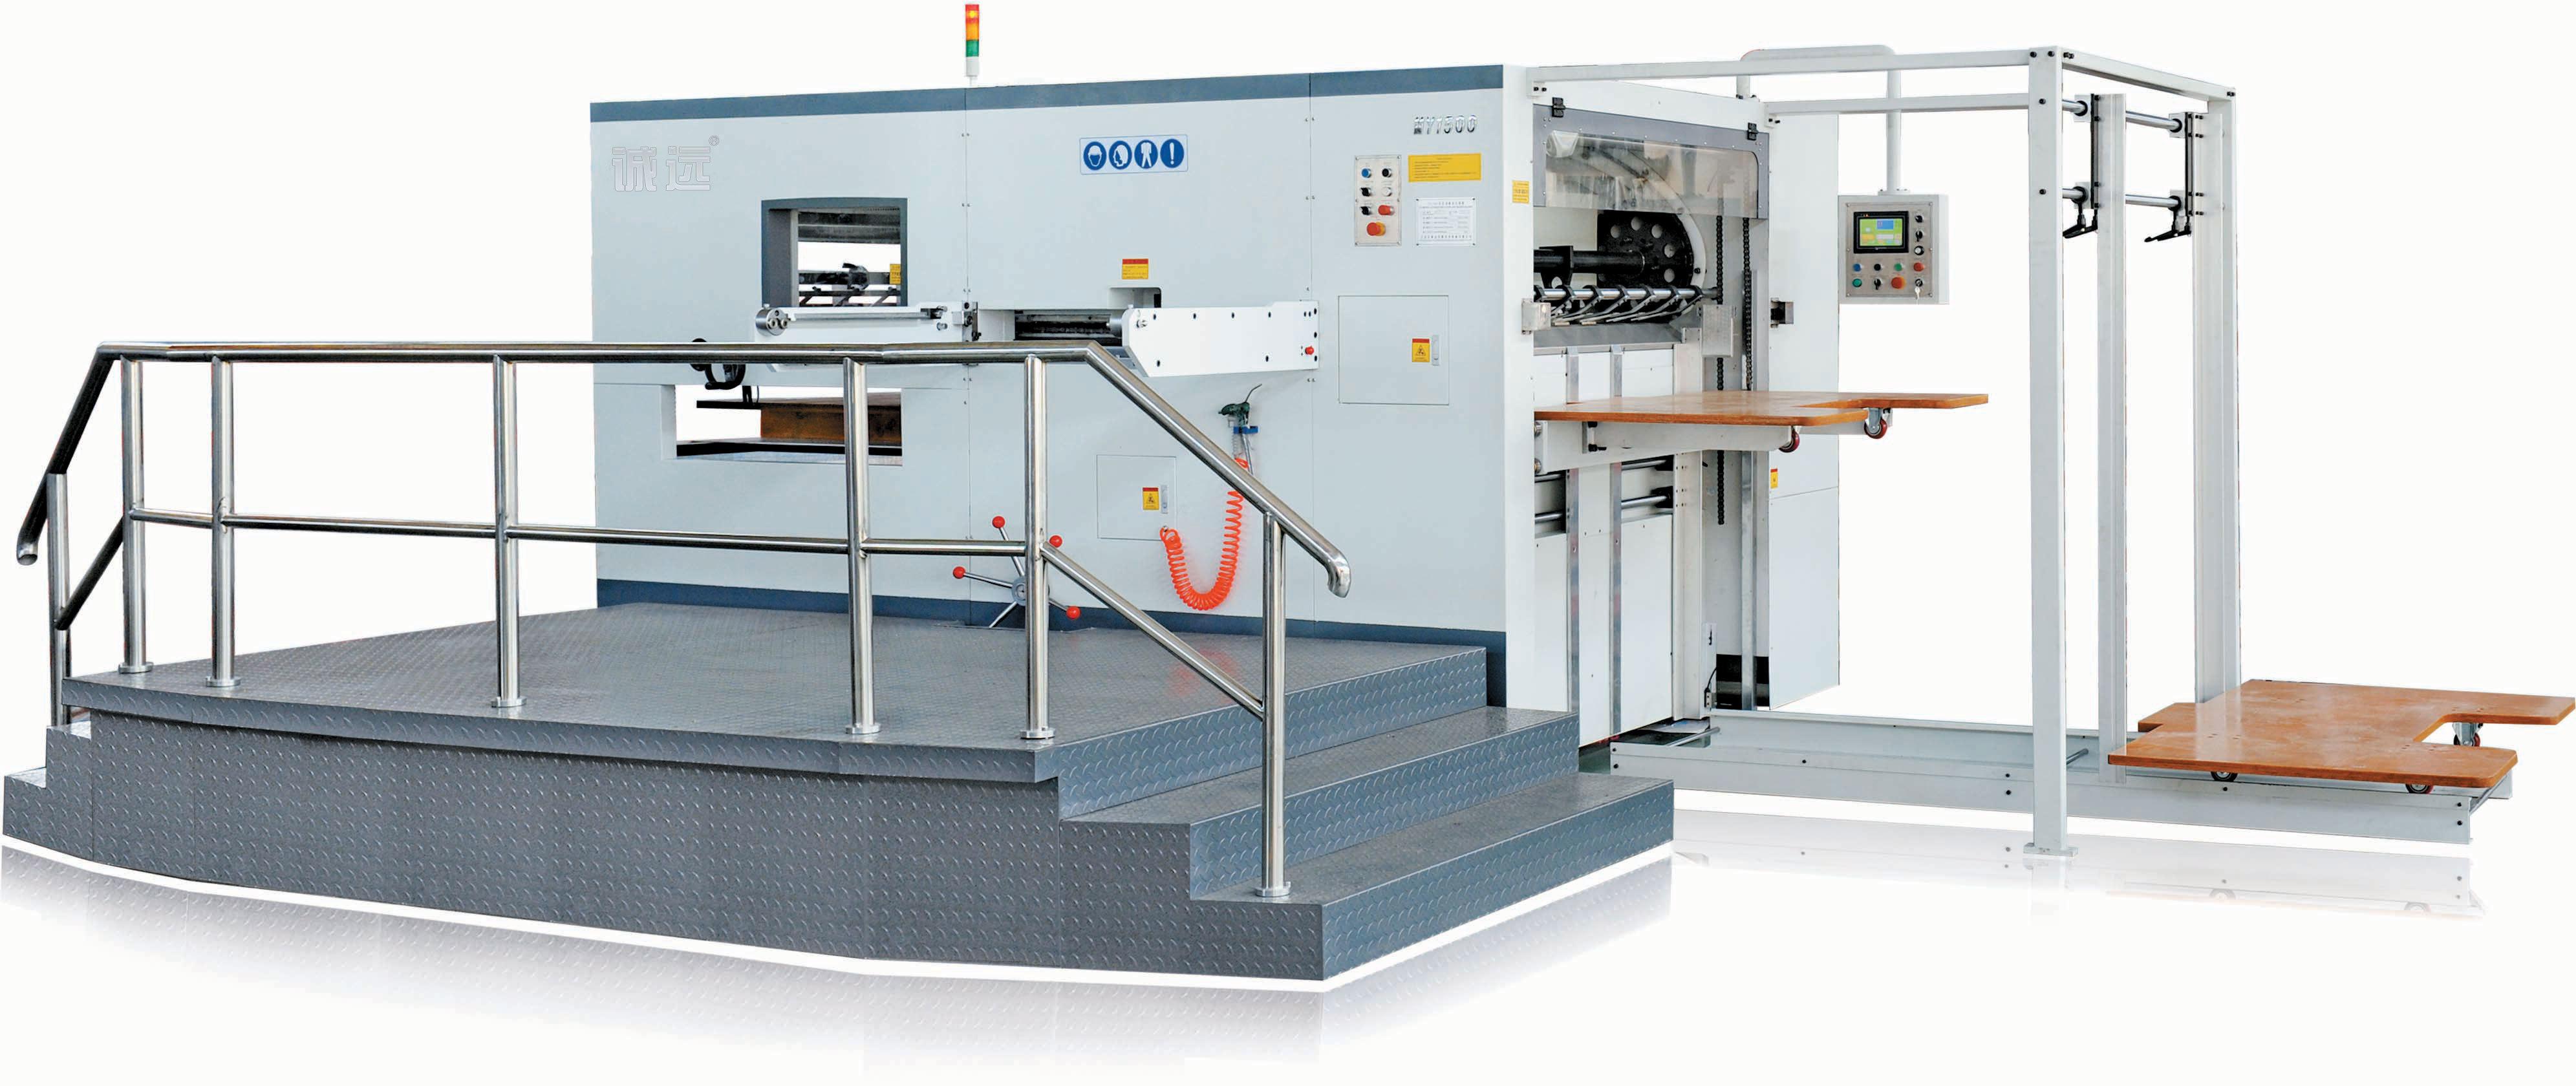 Semi-Automatic Flat Bed Die-Cutting Machine